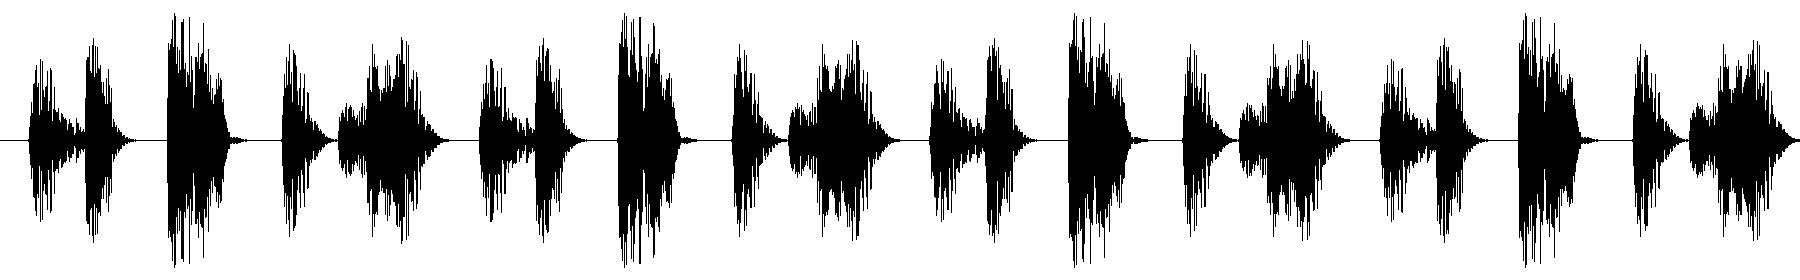 pth bass 11